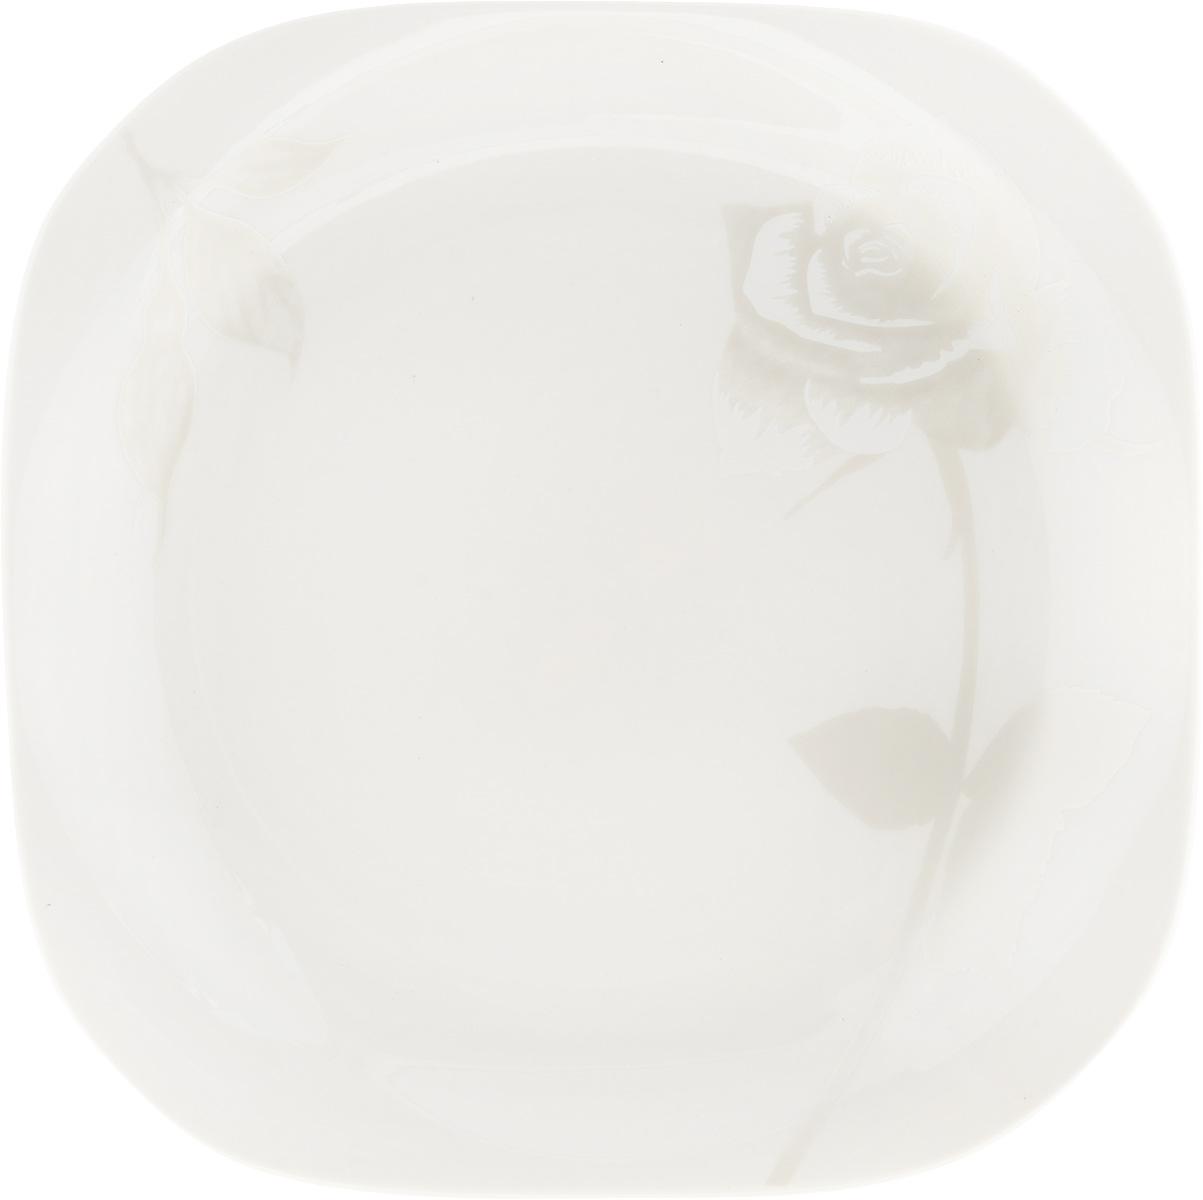 Тарелка десертная Жемчужная роза, 18 x 18 см топ 70 ресторанных десертов готовая десертная карта